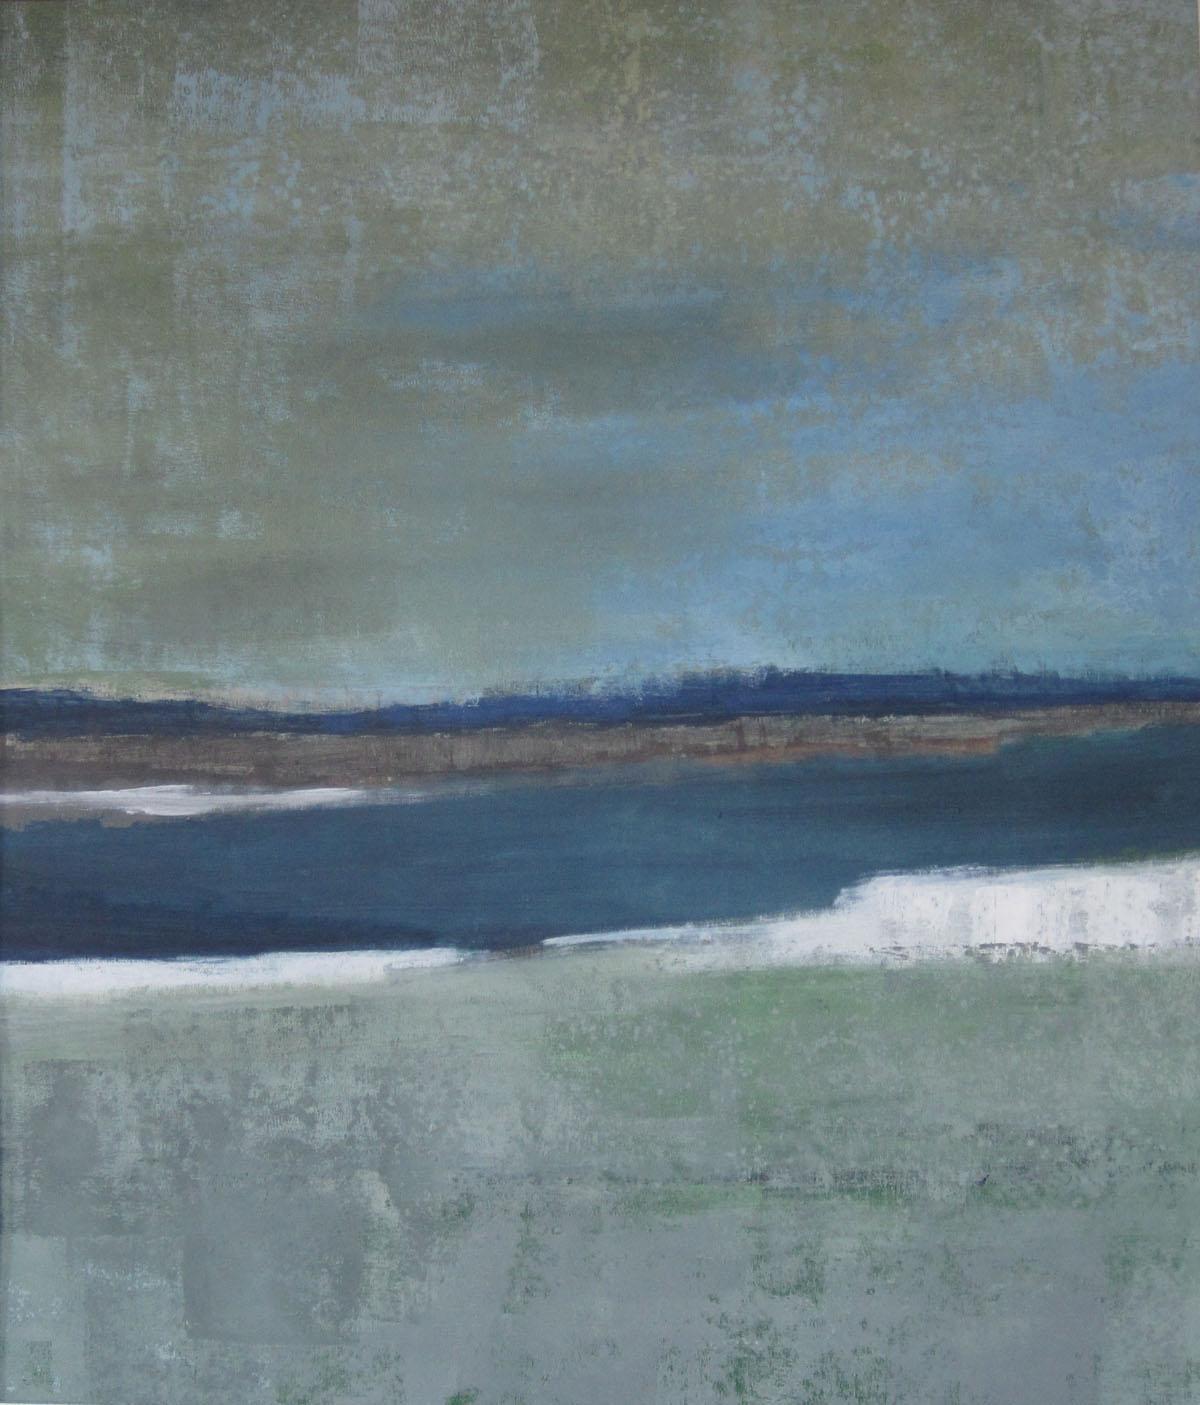 Winter2, 2011, Mischtechnik auf Leinwand, 90x80cm, 2011